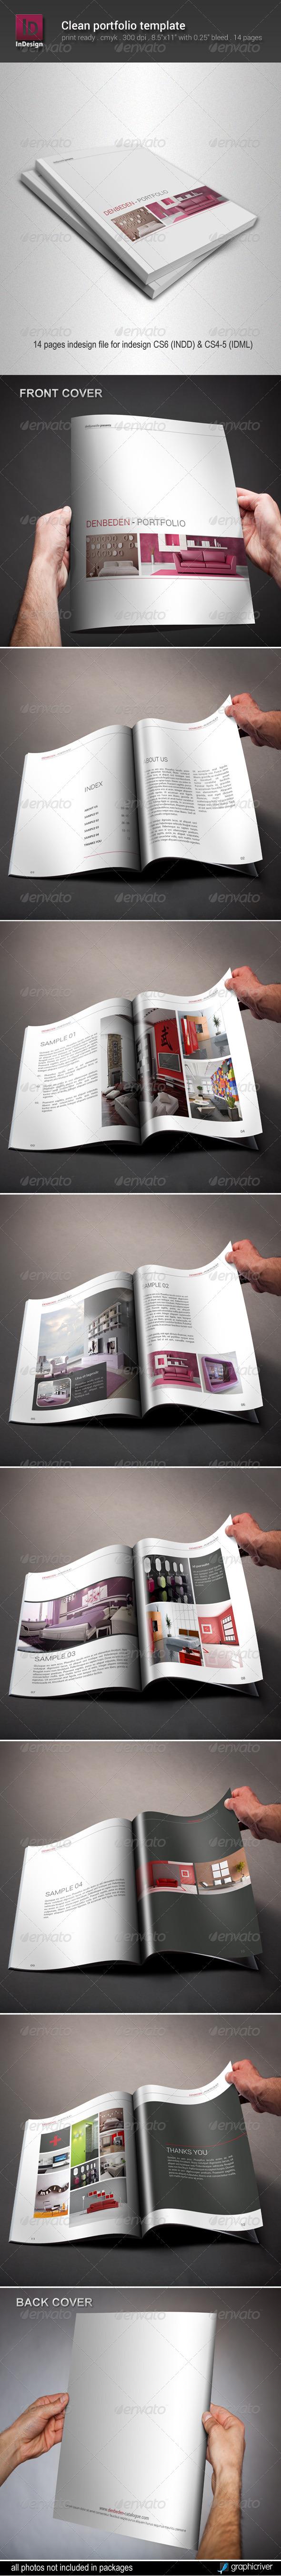 GraphicRiver Clean Portfolio Template 6542595